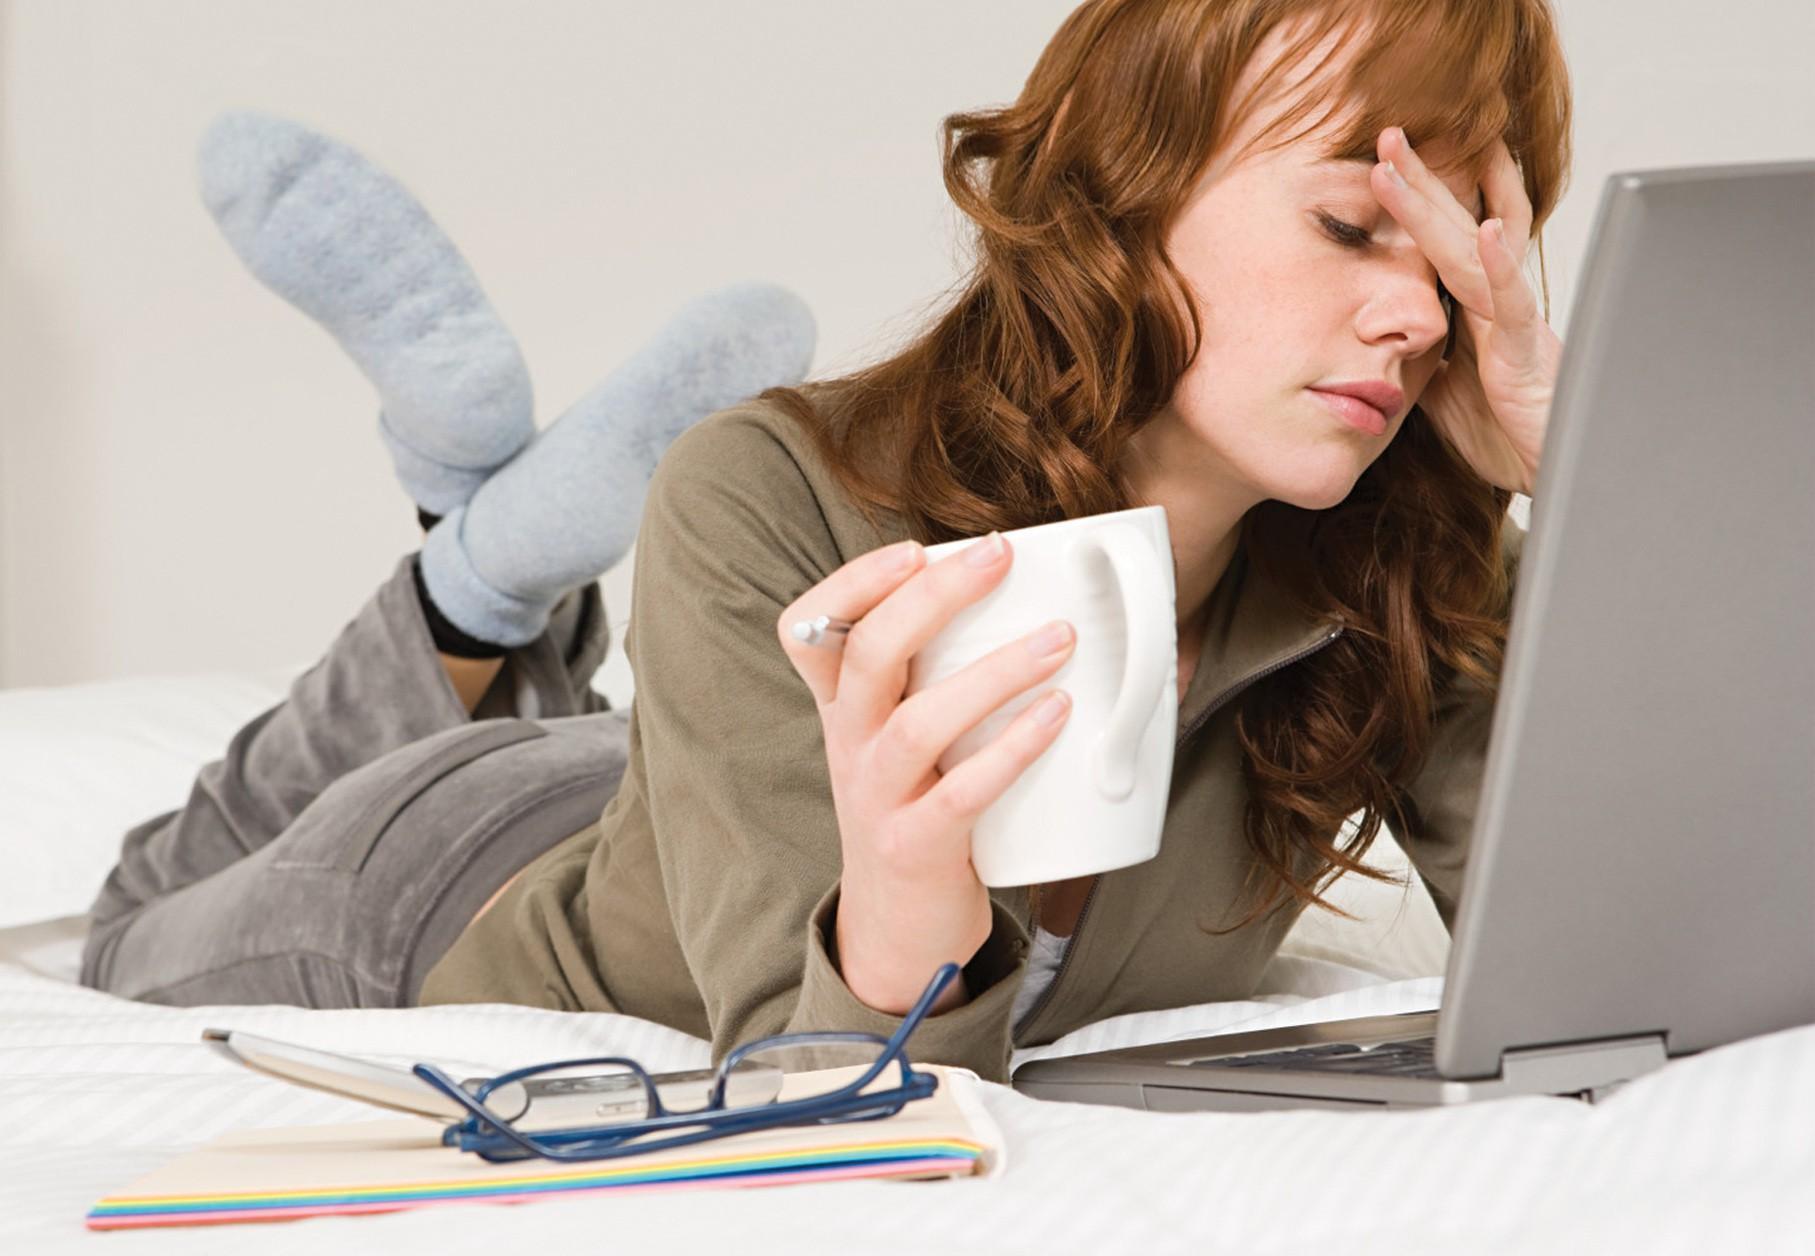 Bạn sẽ gặp vấn đề về sức khỏe khi thường xuyên stress